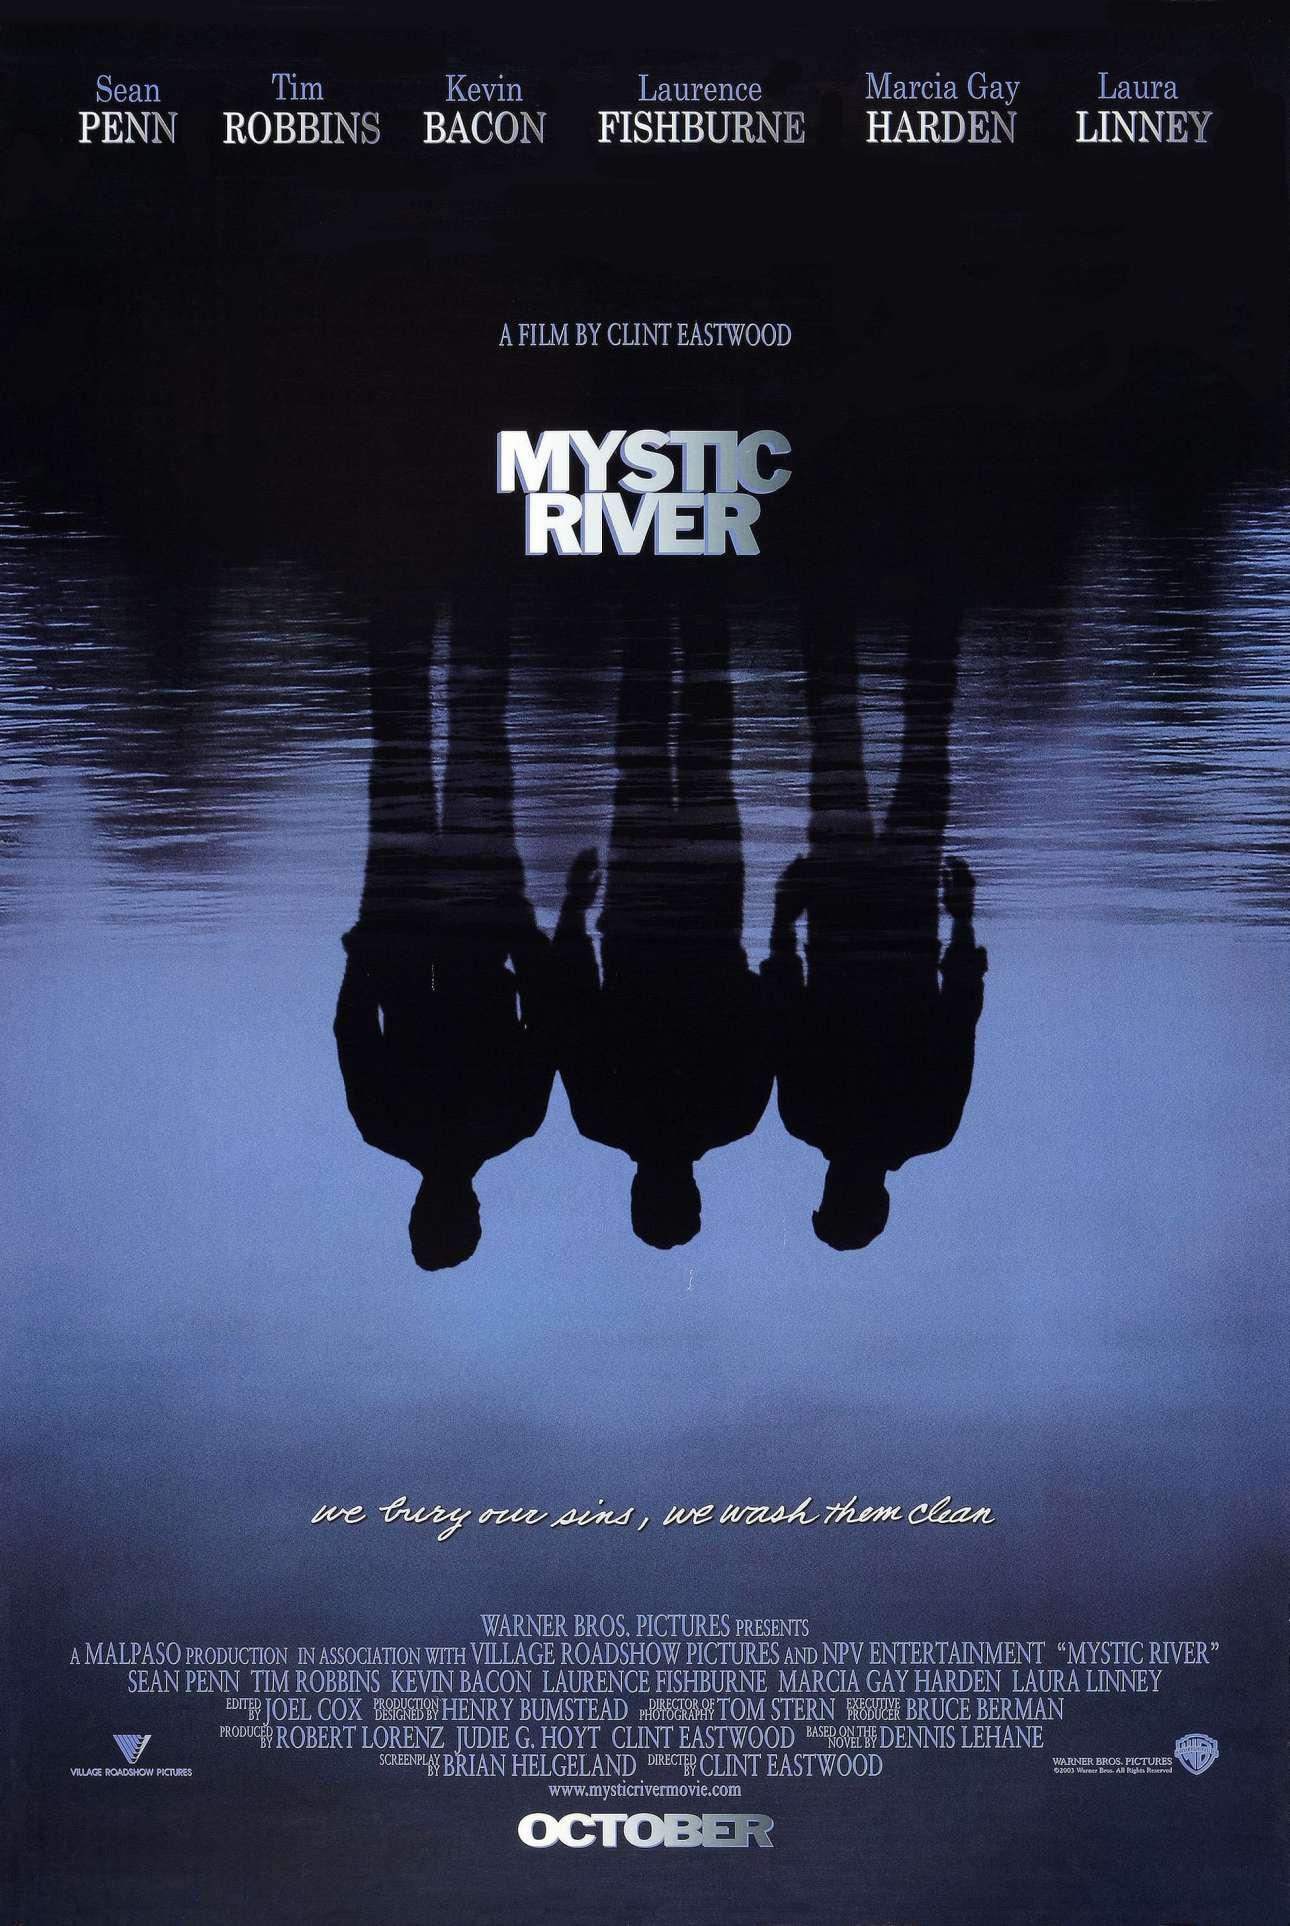 «Σκοτεινό Ποτάμι», 2003. «Νομίζω αυτό που με ενθουσιάζει περισσότερο είναι όταν ακούω για το έργο και ξέρω ποιο είναι το θέμα. Είναι συναρπαστικό να γνωρίζεις πως το θέμα θα τραβήξει τους ανθρώπους που θα δουν την αφίσα, η οποία στη συνέχεια τους εμπνέει να επιλέξουν να δουν την ταινία»